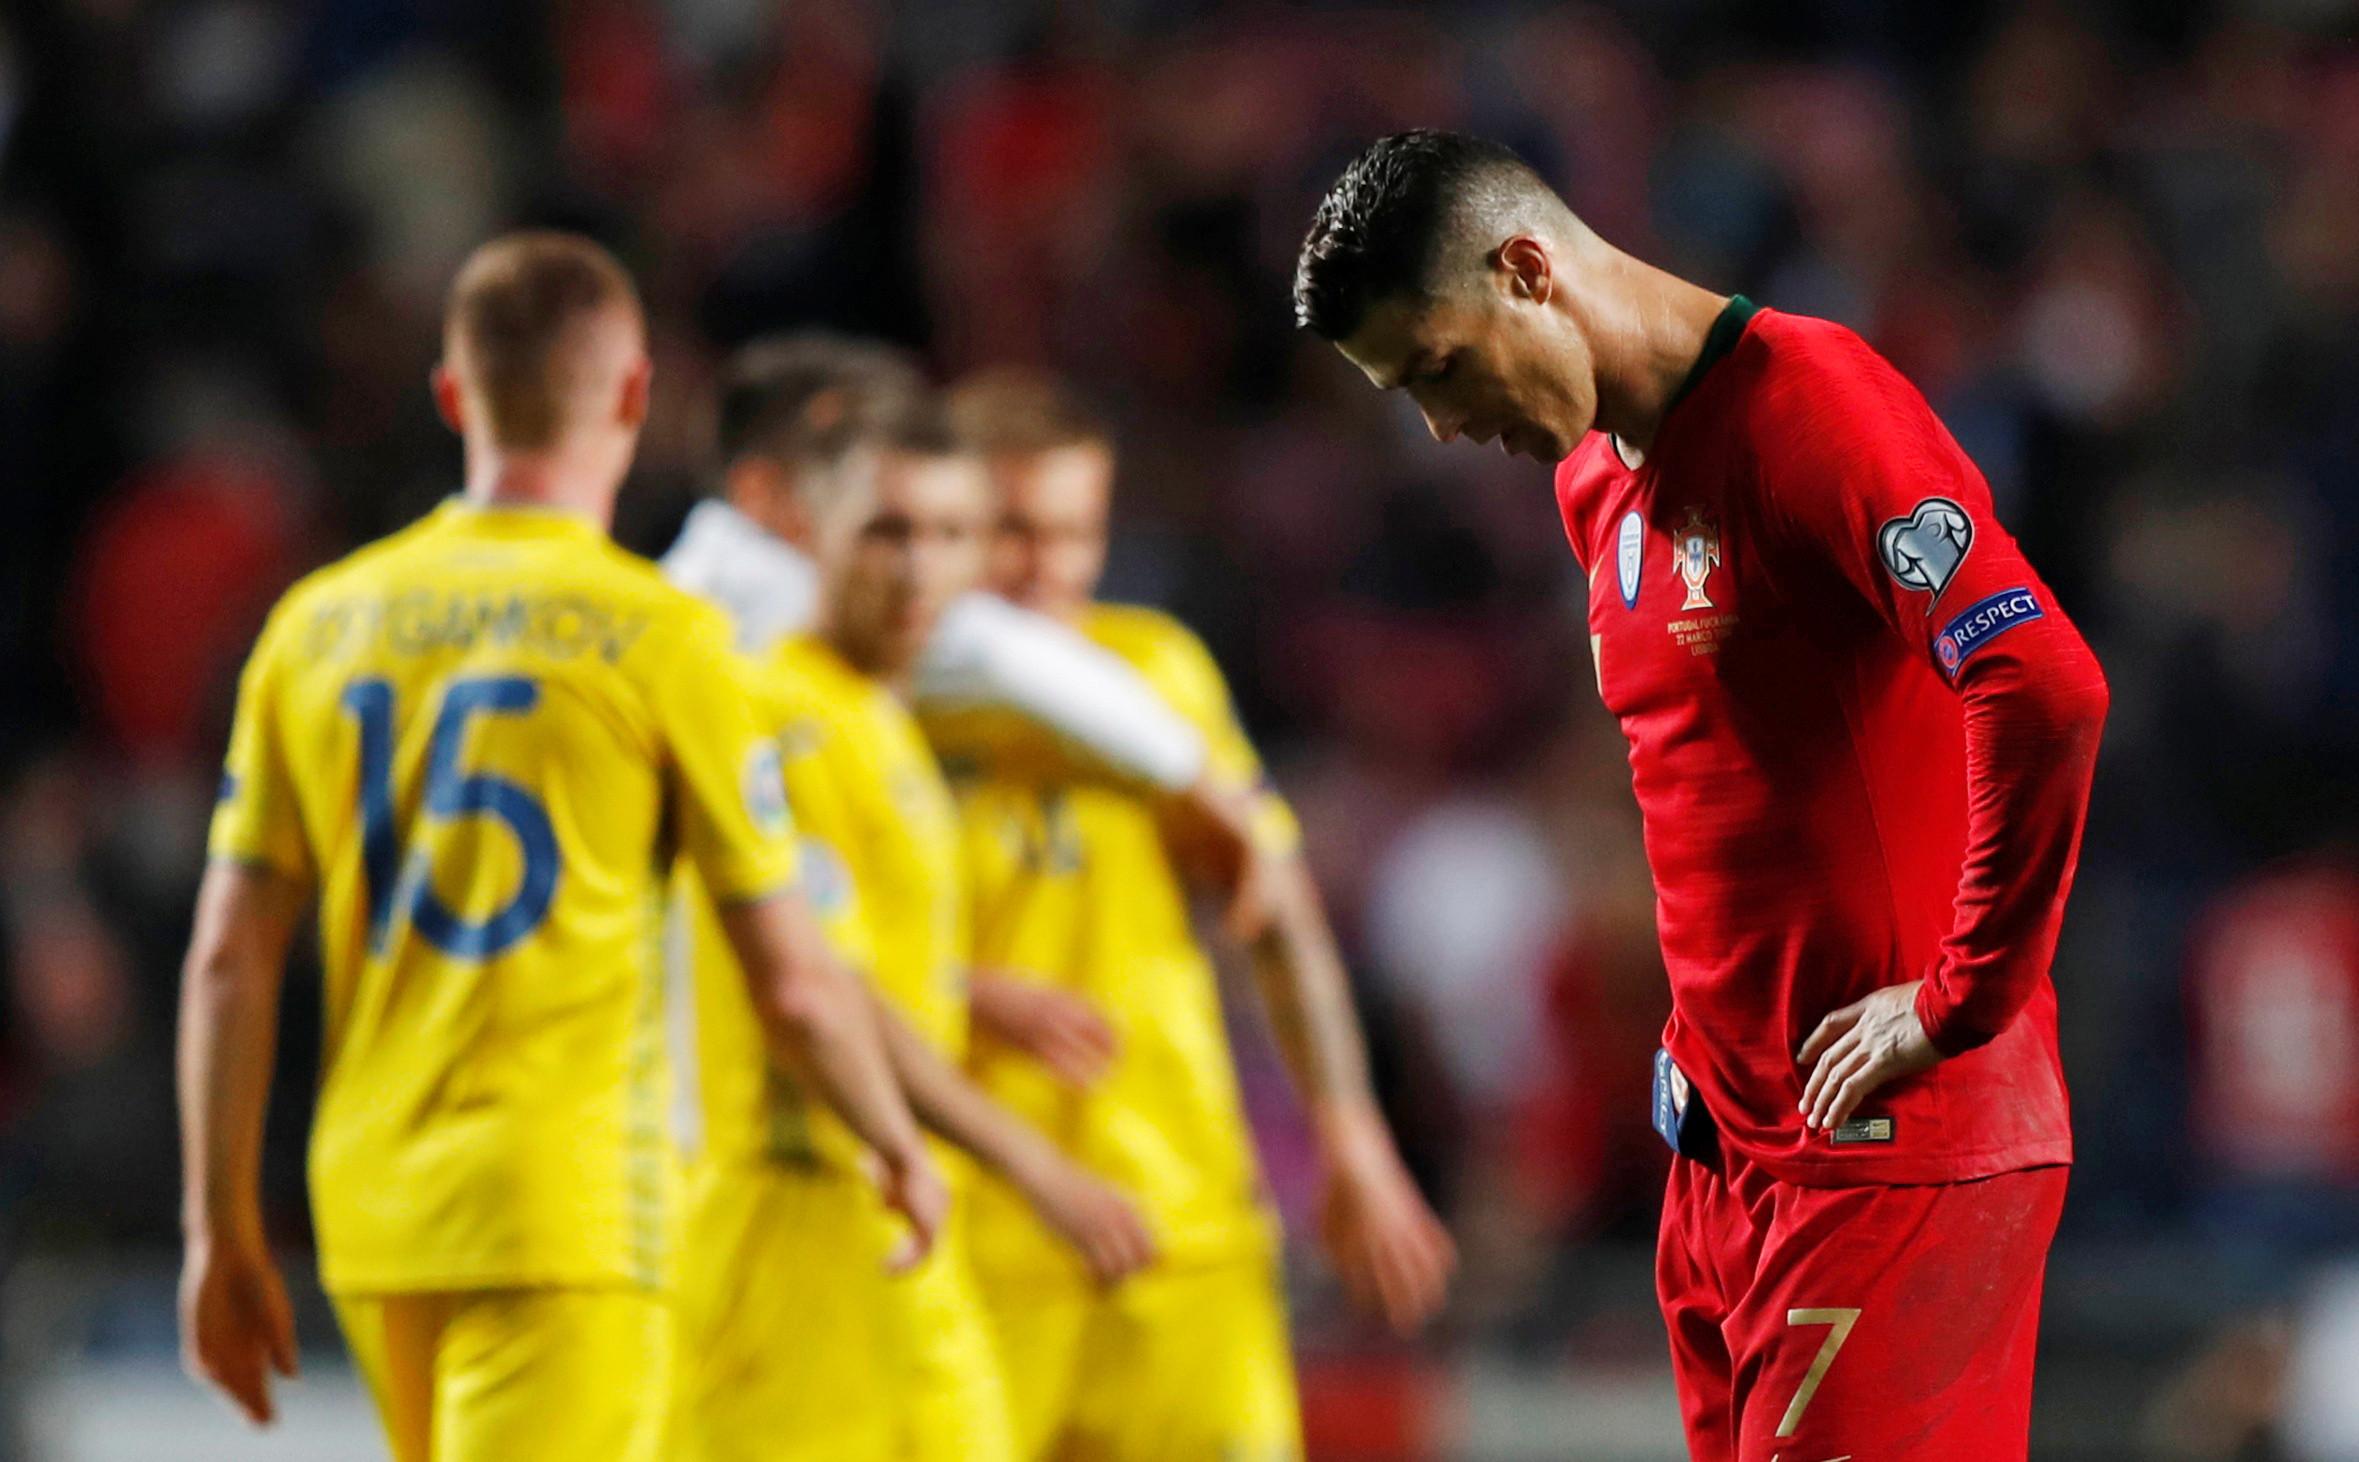 Atenção, Portugal: Ronaldo abandona o relvado aos 29 minutos